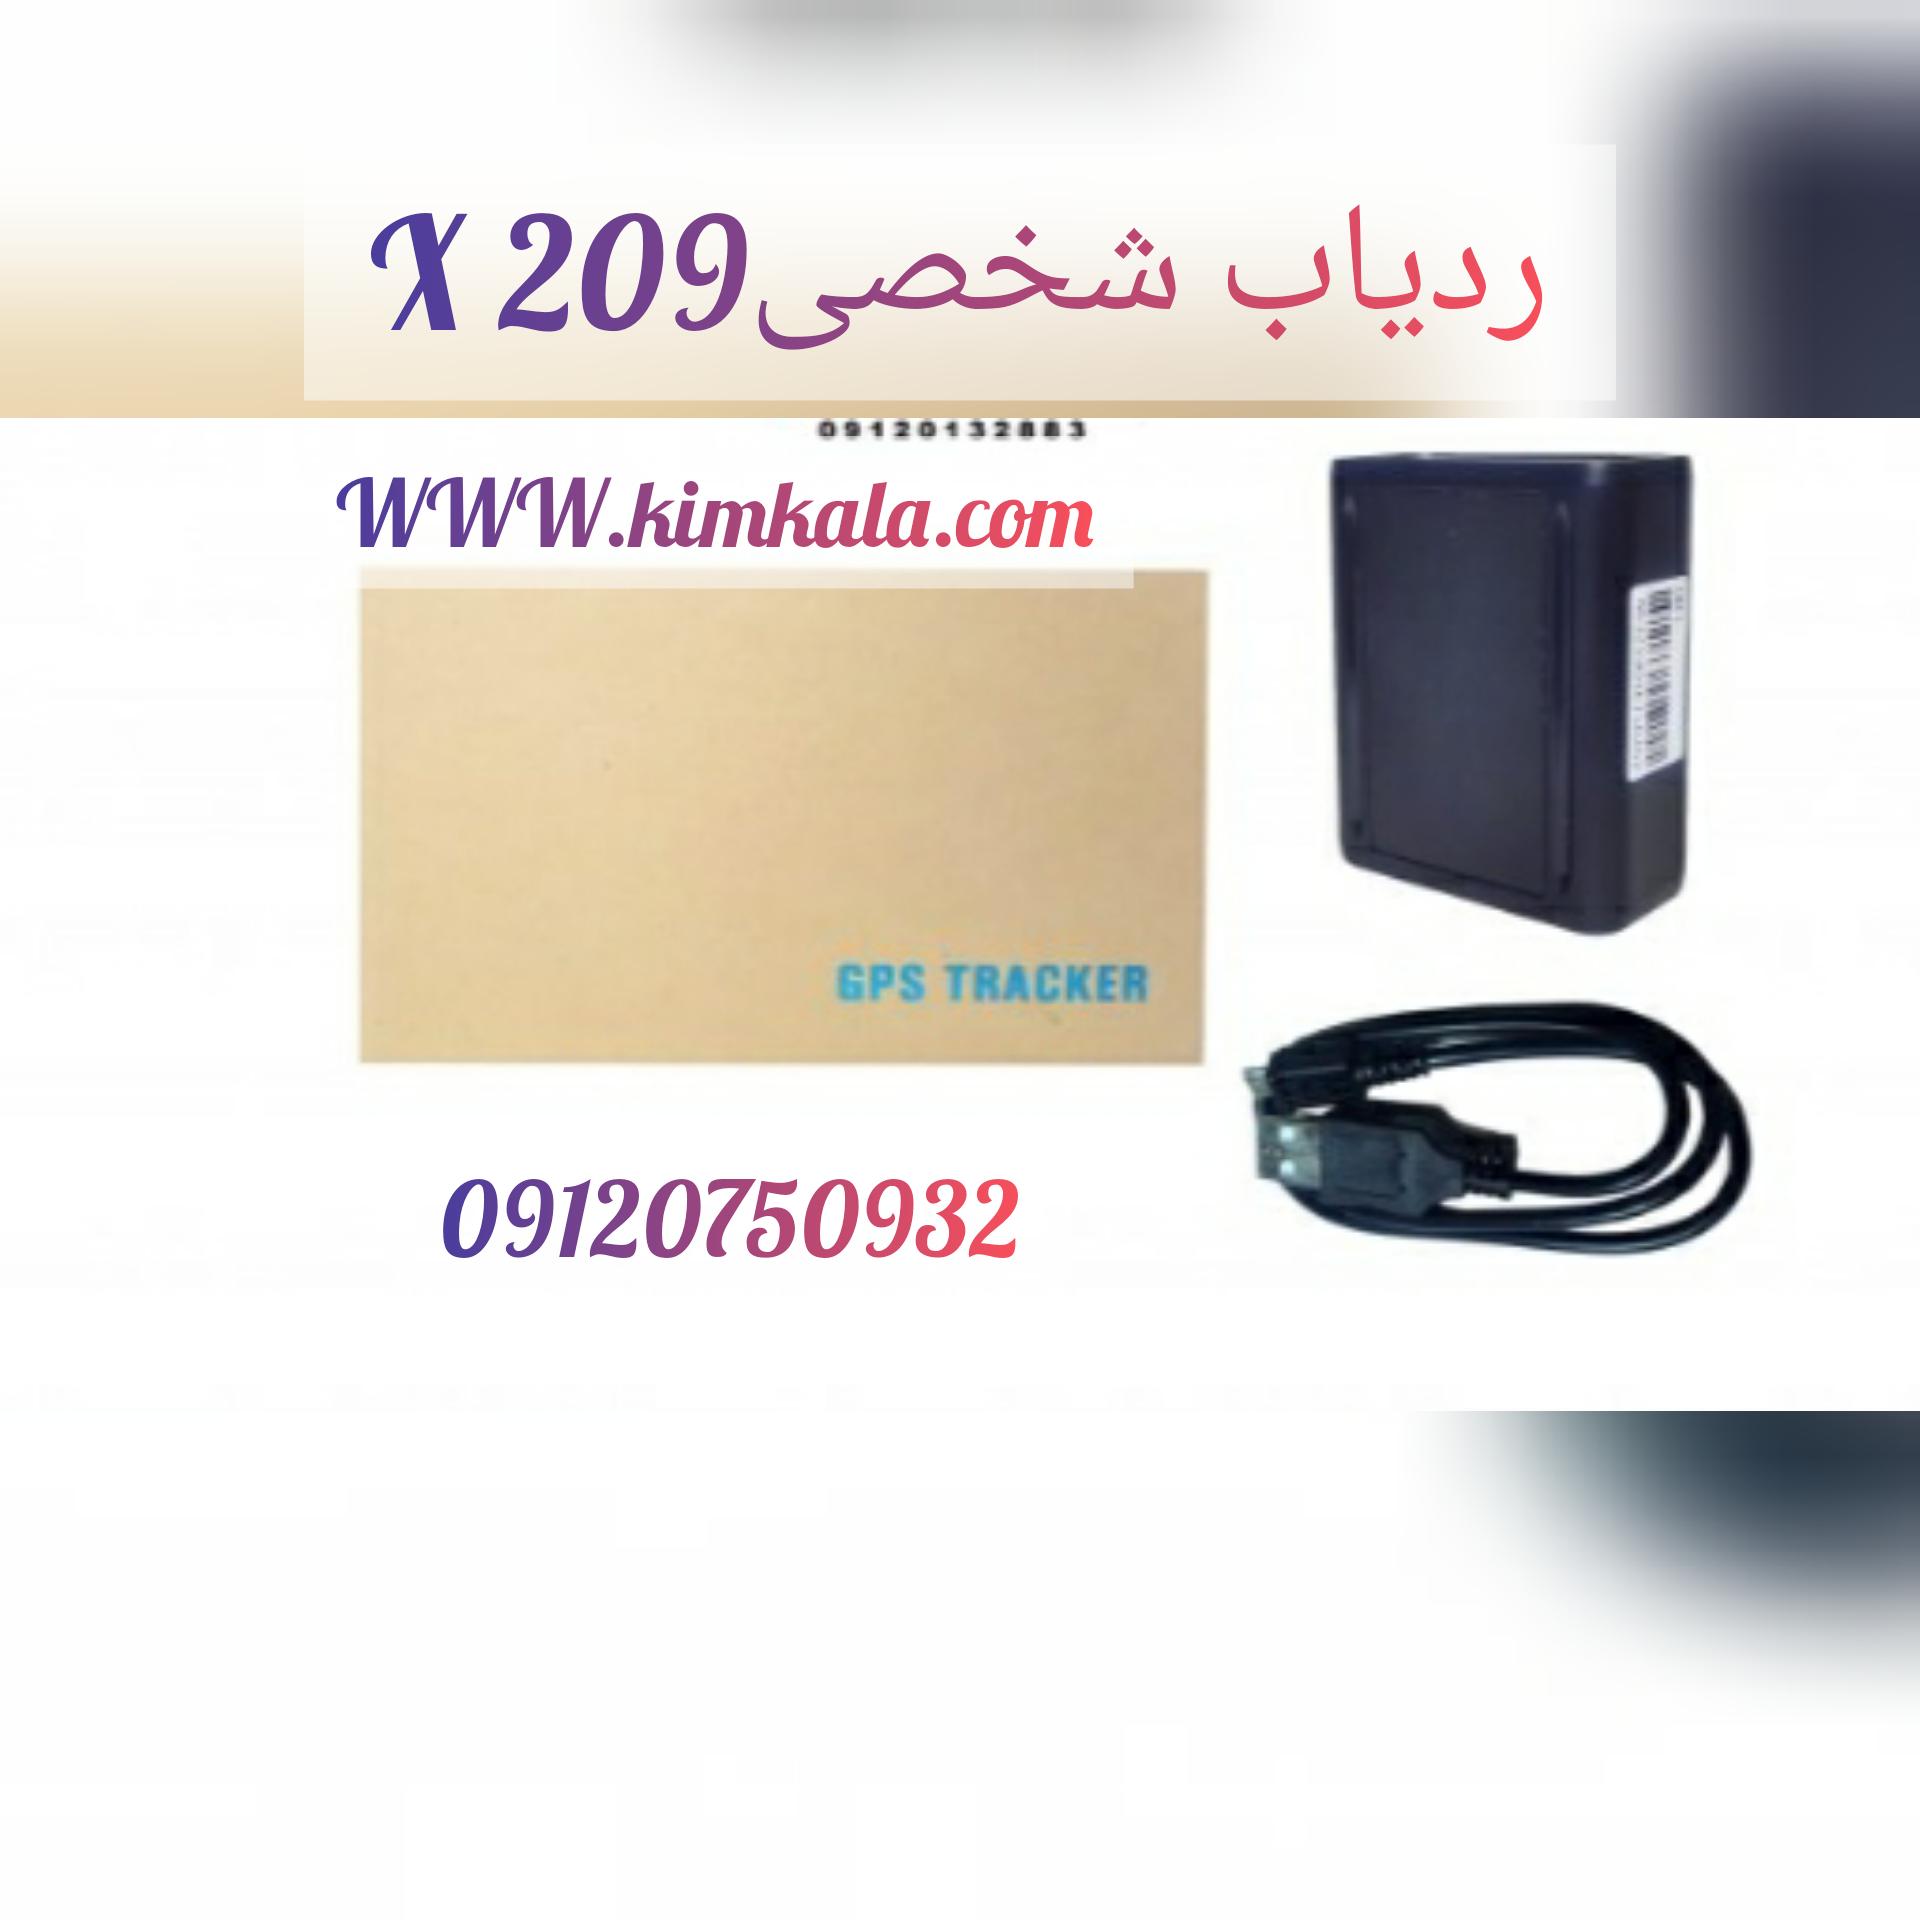 ردیاب شخصی X209/قیمت ردیاب /09120750932